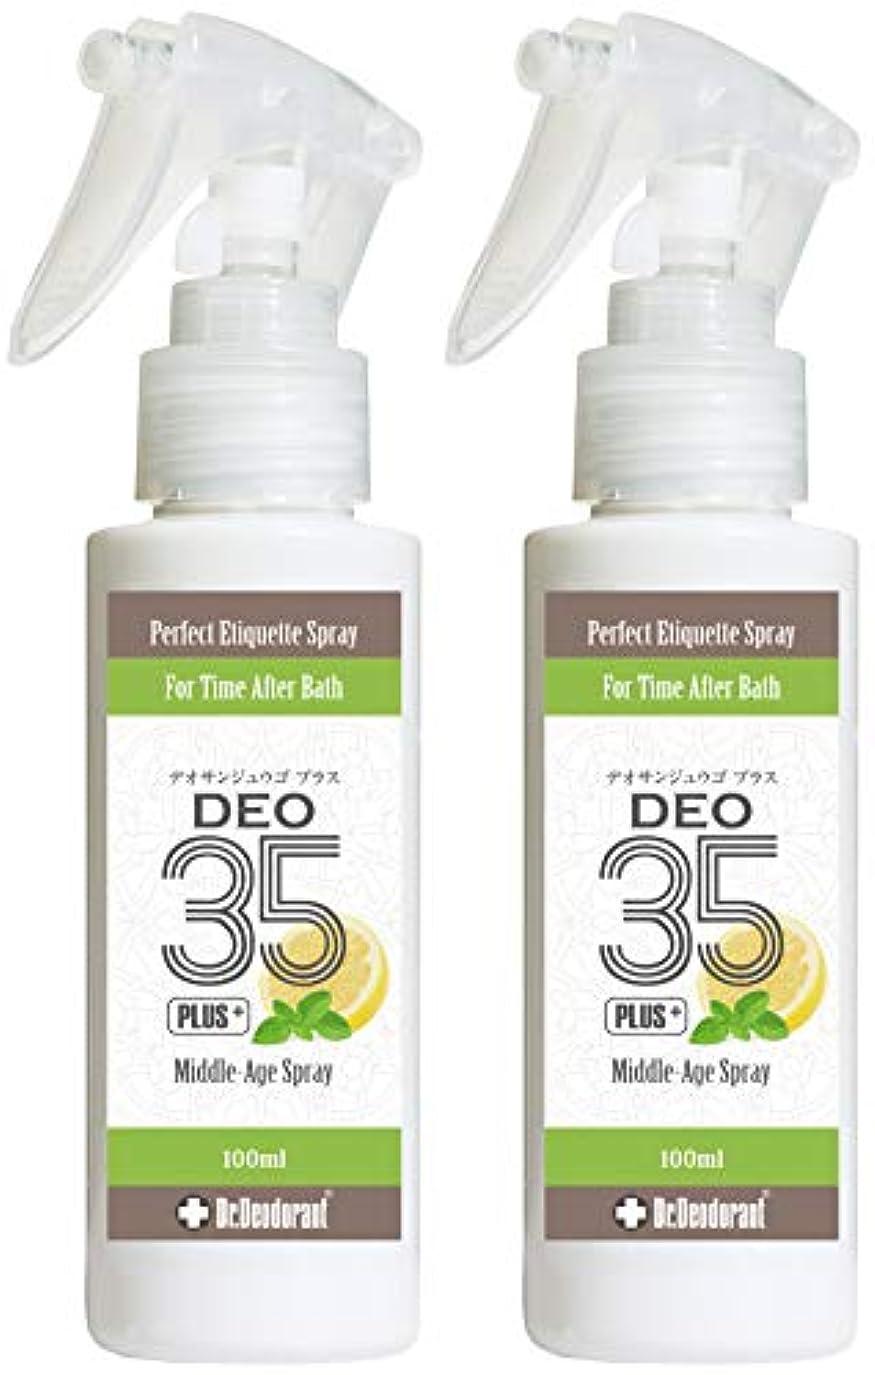 泥だらけ荒れ地表面的なドクターデオドラント DEO 35 PLUS+(デオサンジュウゴ プラス)(2本セット)